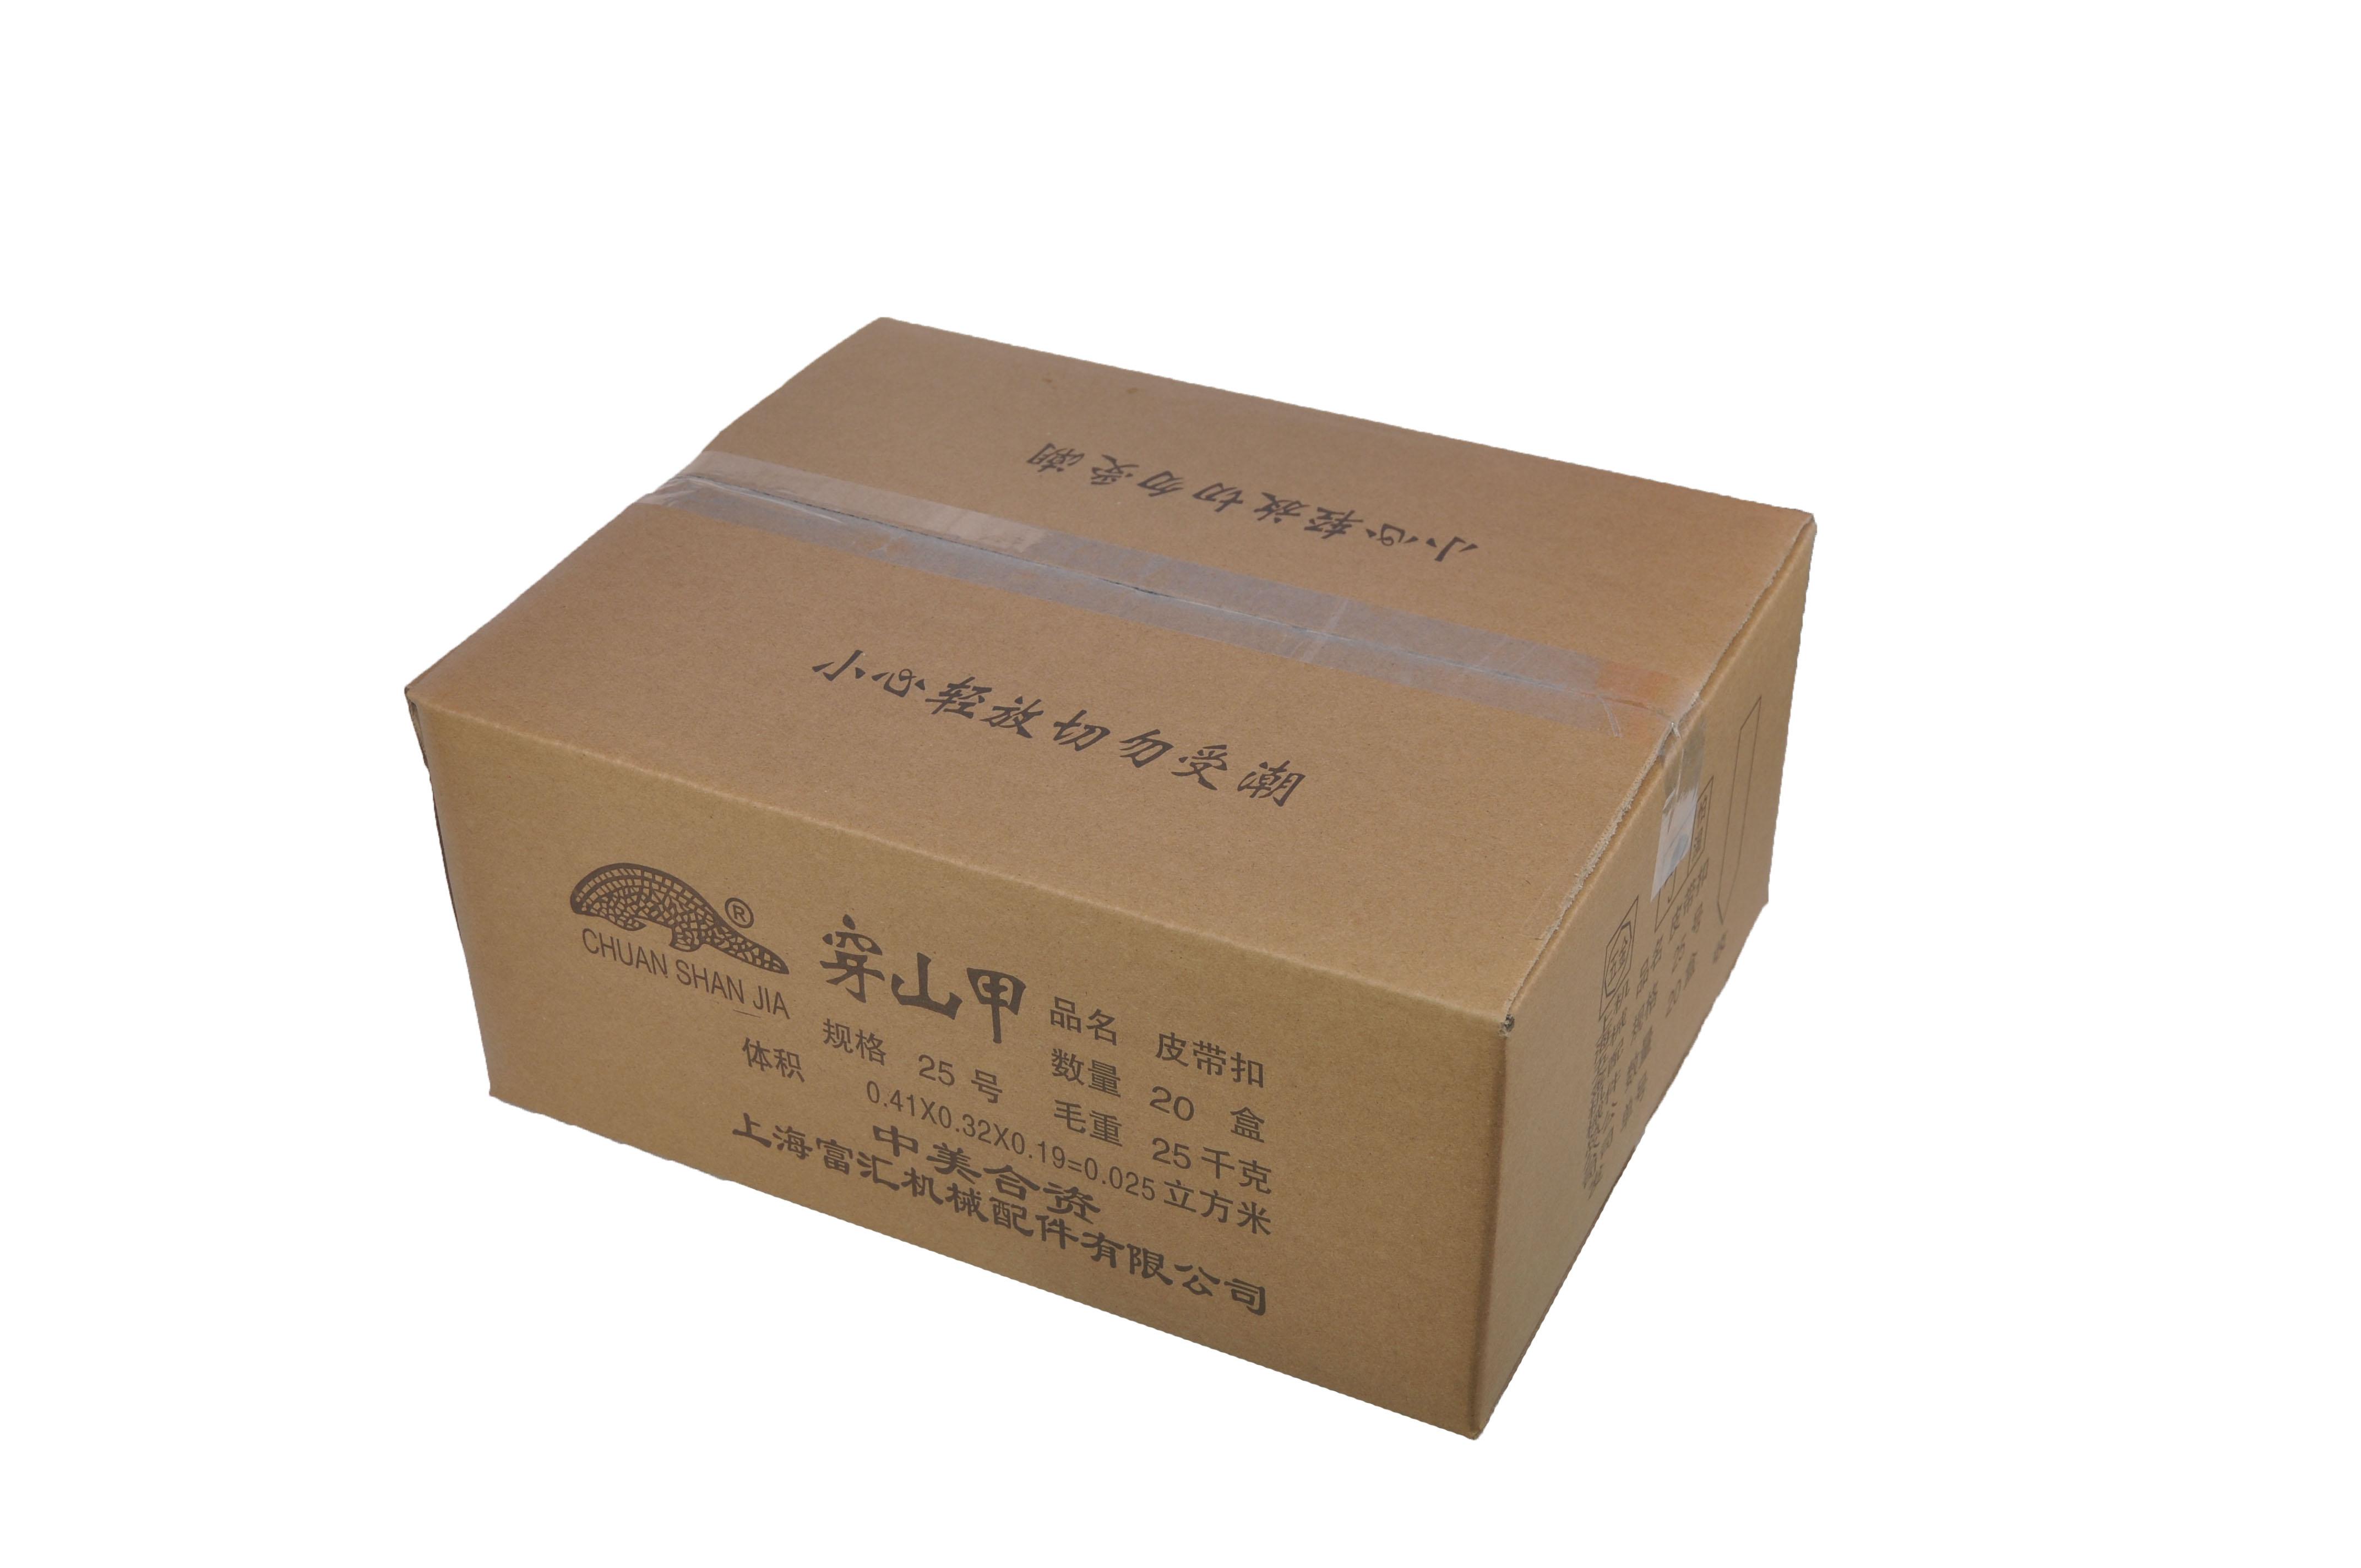 25号皮带扣包装盒.jpg